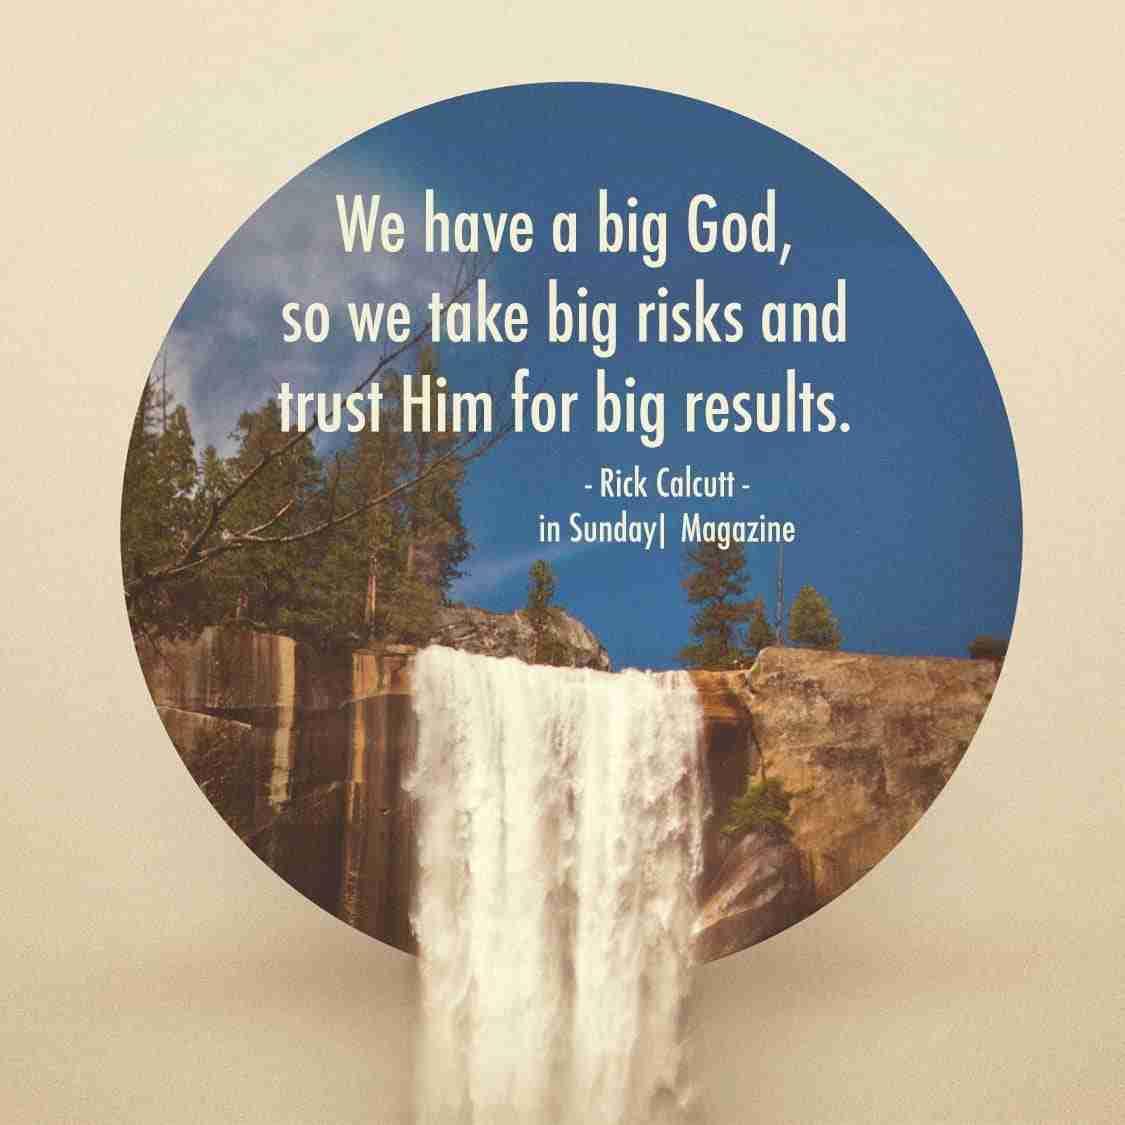 Big God = Big Risks